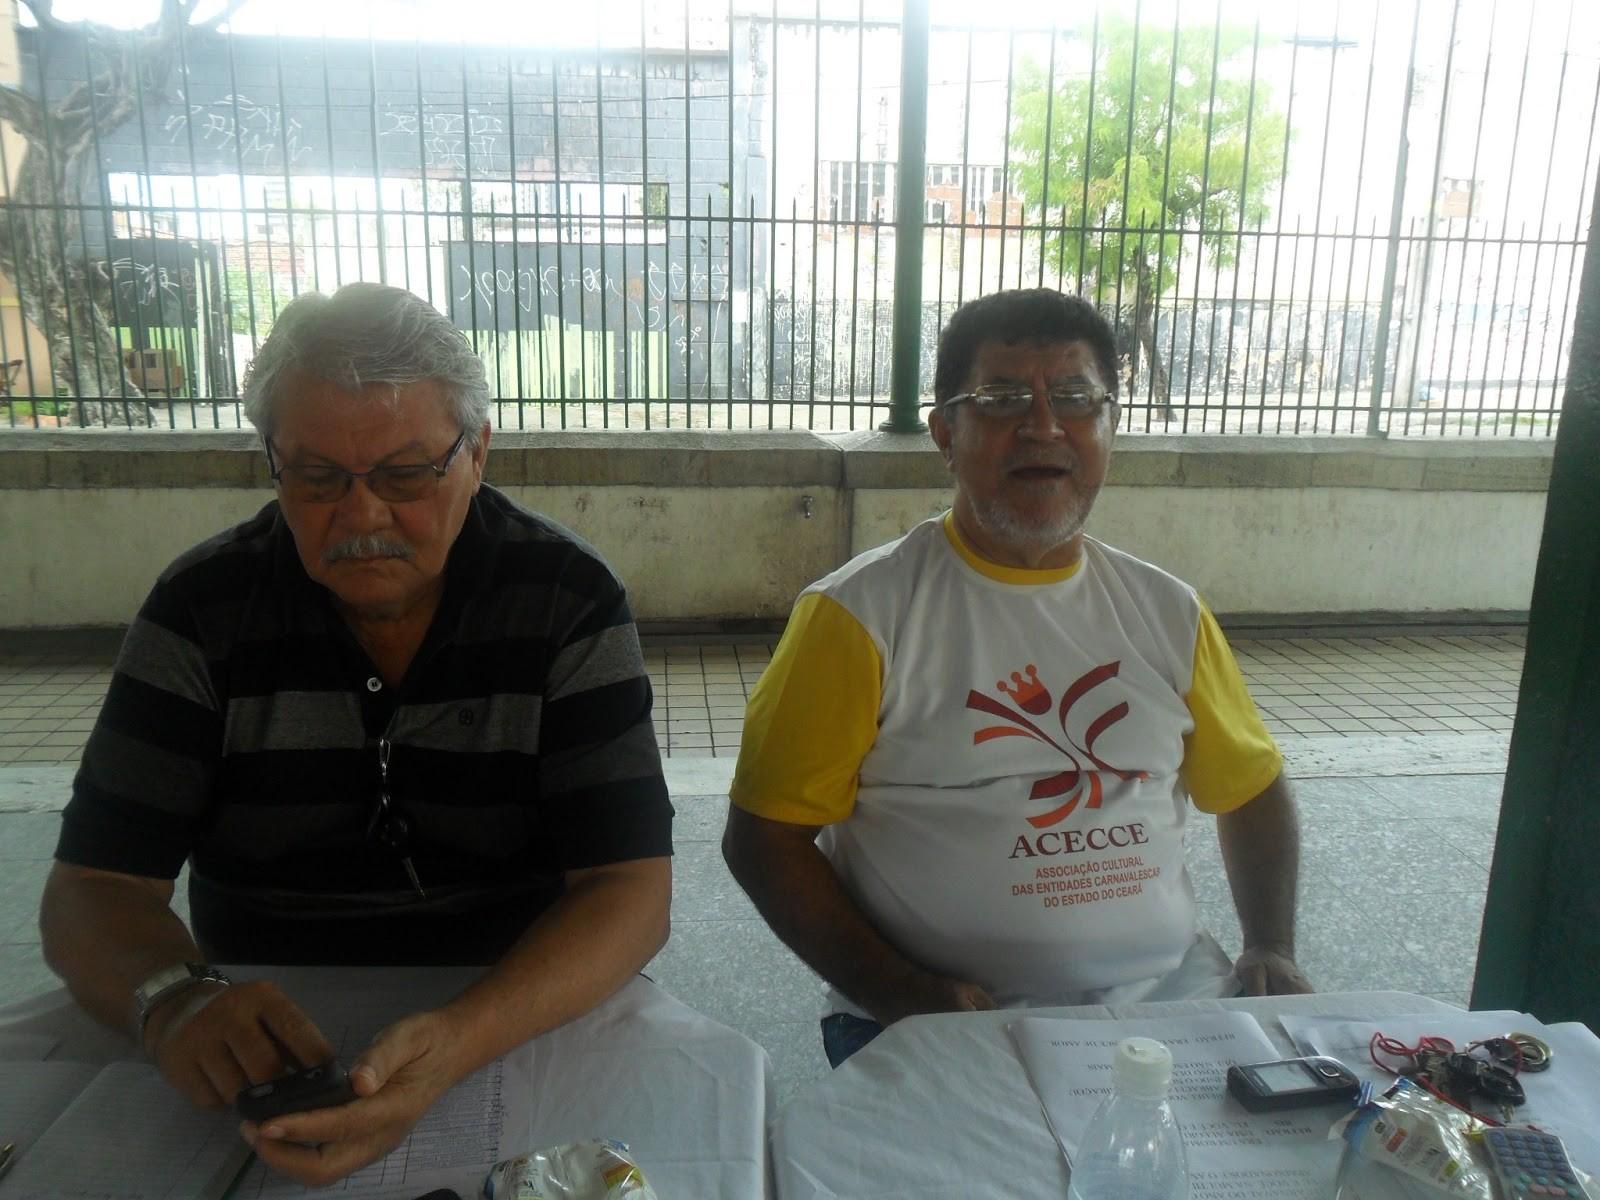 Arnaud Silvério á direita presidente da ACECCE Associa§£o Cultural das Entidades Carnavalescas do Estado do Ceará e o vereador dr